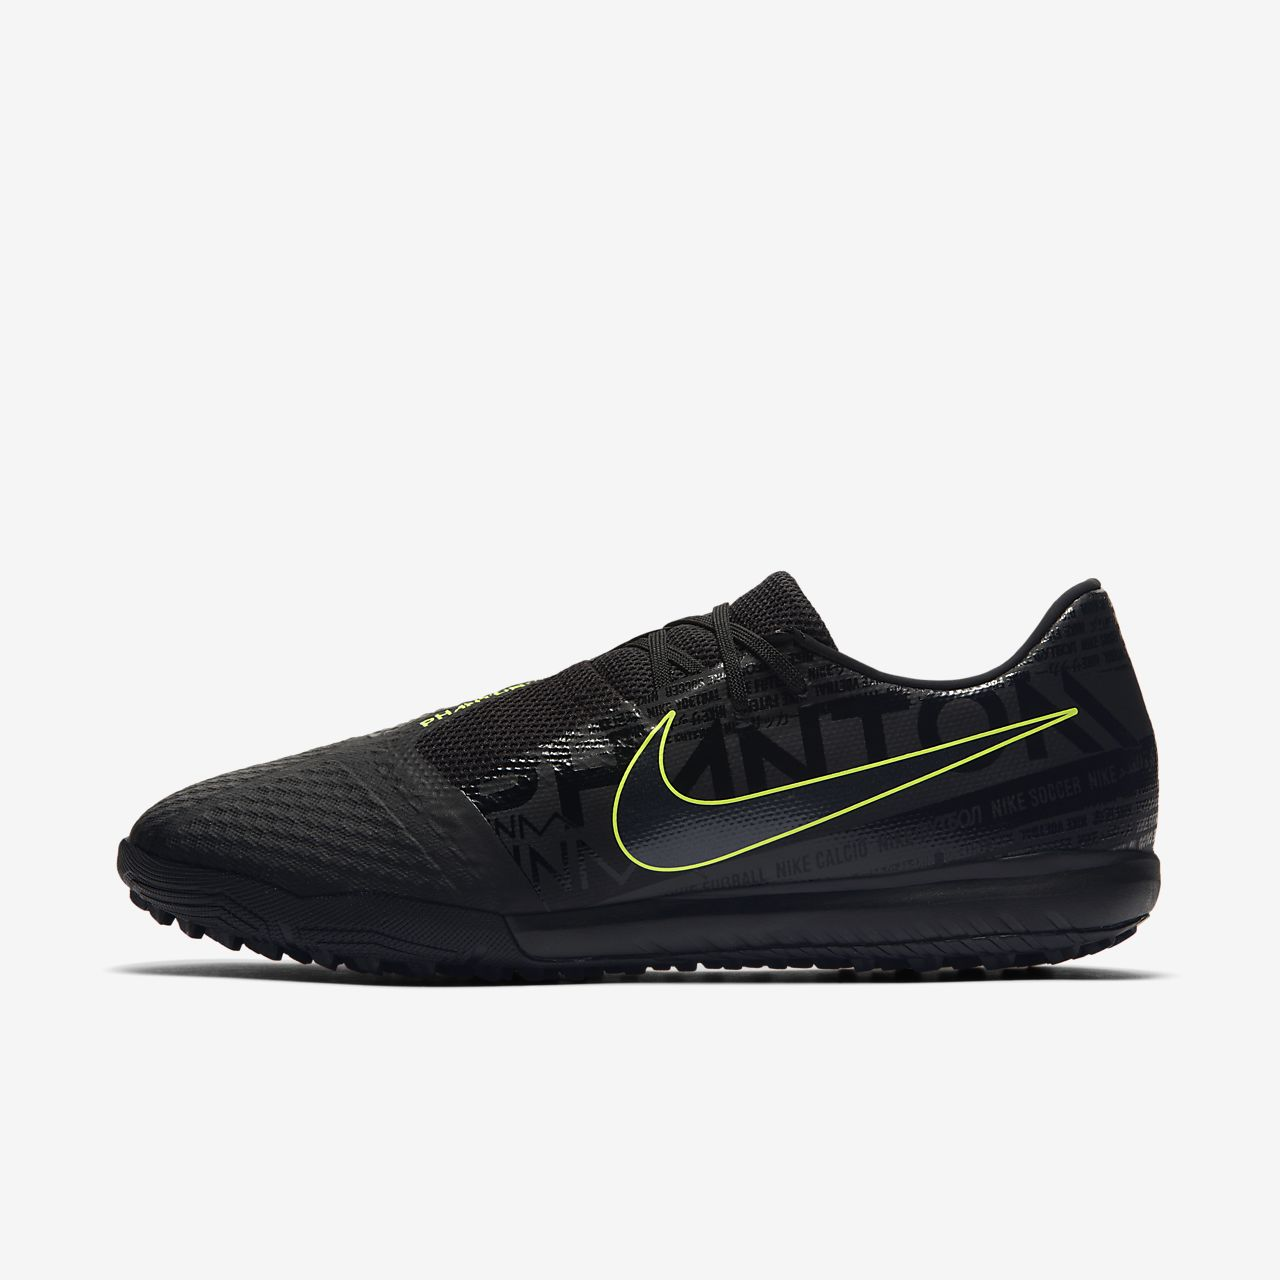 aliexpress qualità moda più desiderabile Scarpa da calcio per erba sintetica Nike Phantom Venom Academy TF